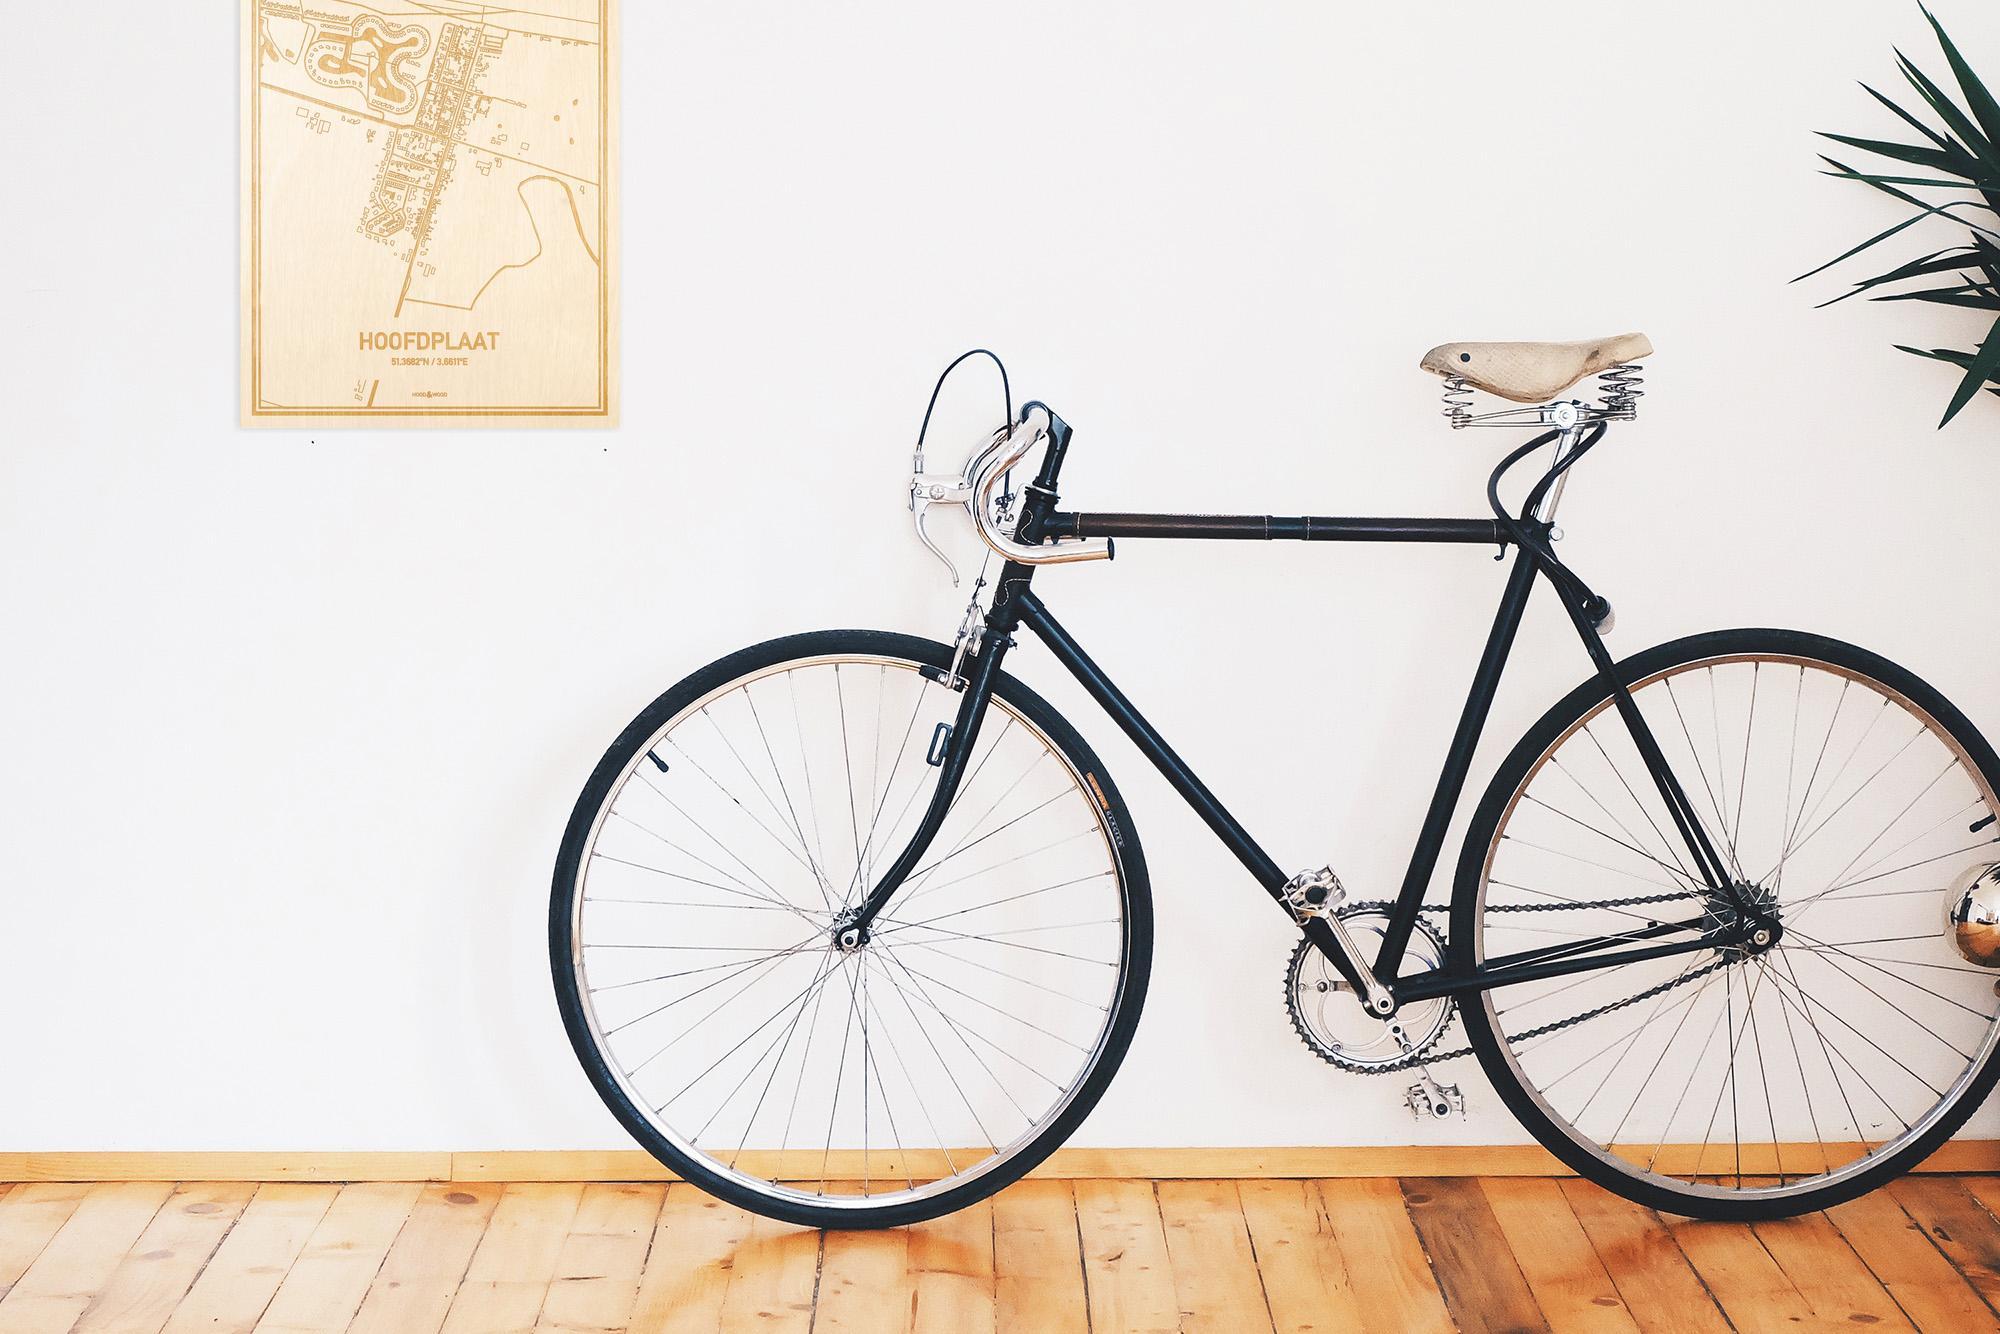 Een snelle fiets in een uniek interieur in Zeeland met mooie decoratie zoals de plattegrond Hoofdplaat.